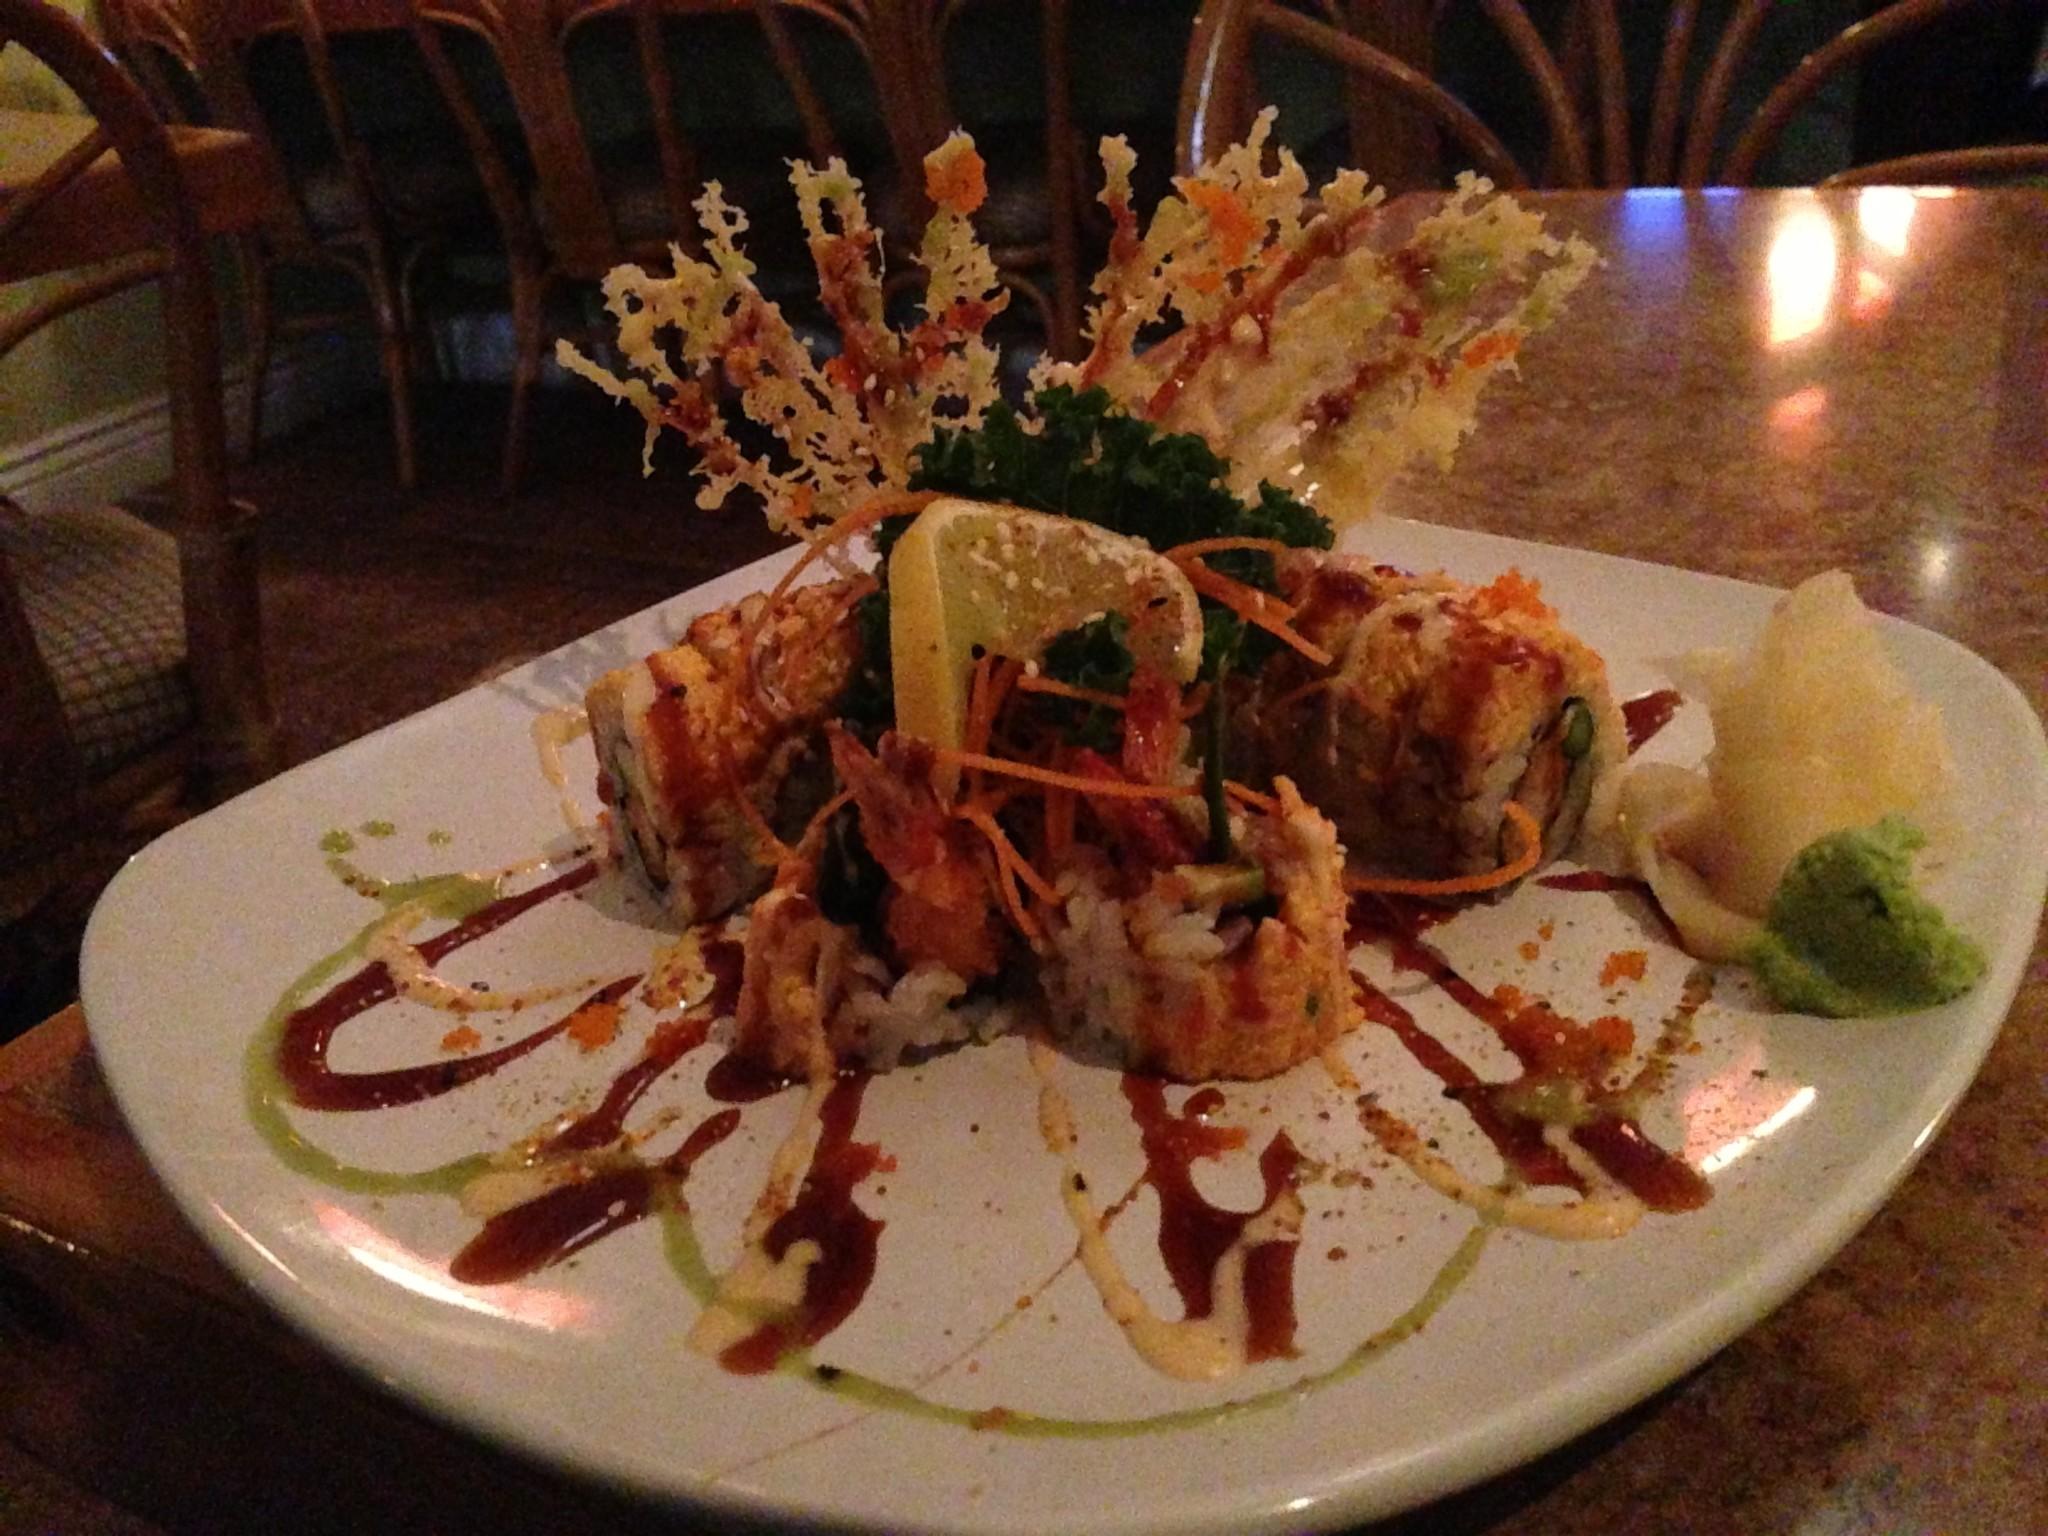 Cafe Du Japon Good Sushi In A Strange Atmosphere With